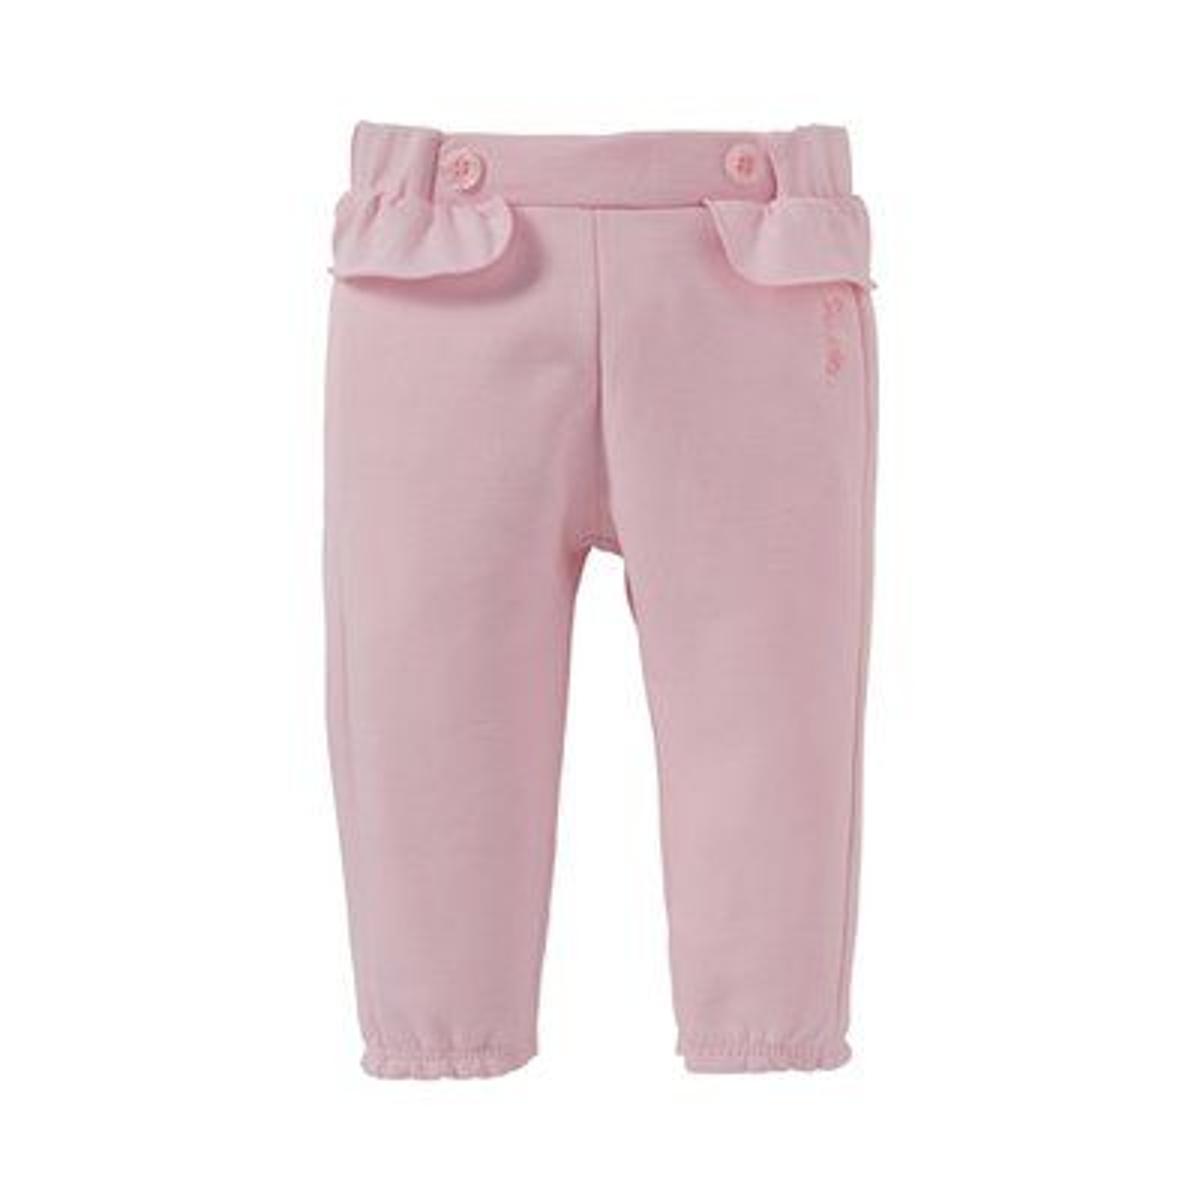 SANETTA Le pantalon sweat à ruchés pantalon bébé